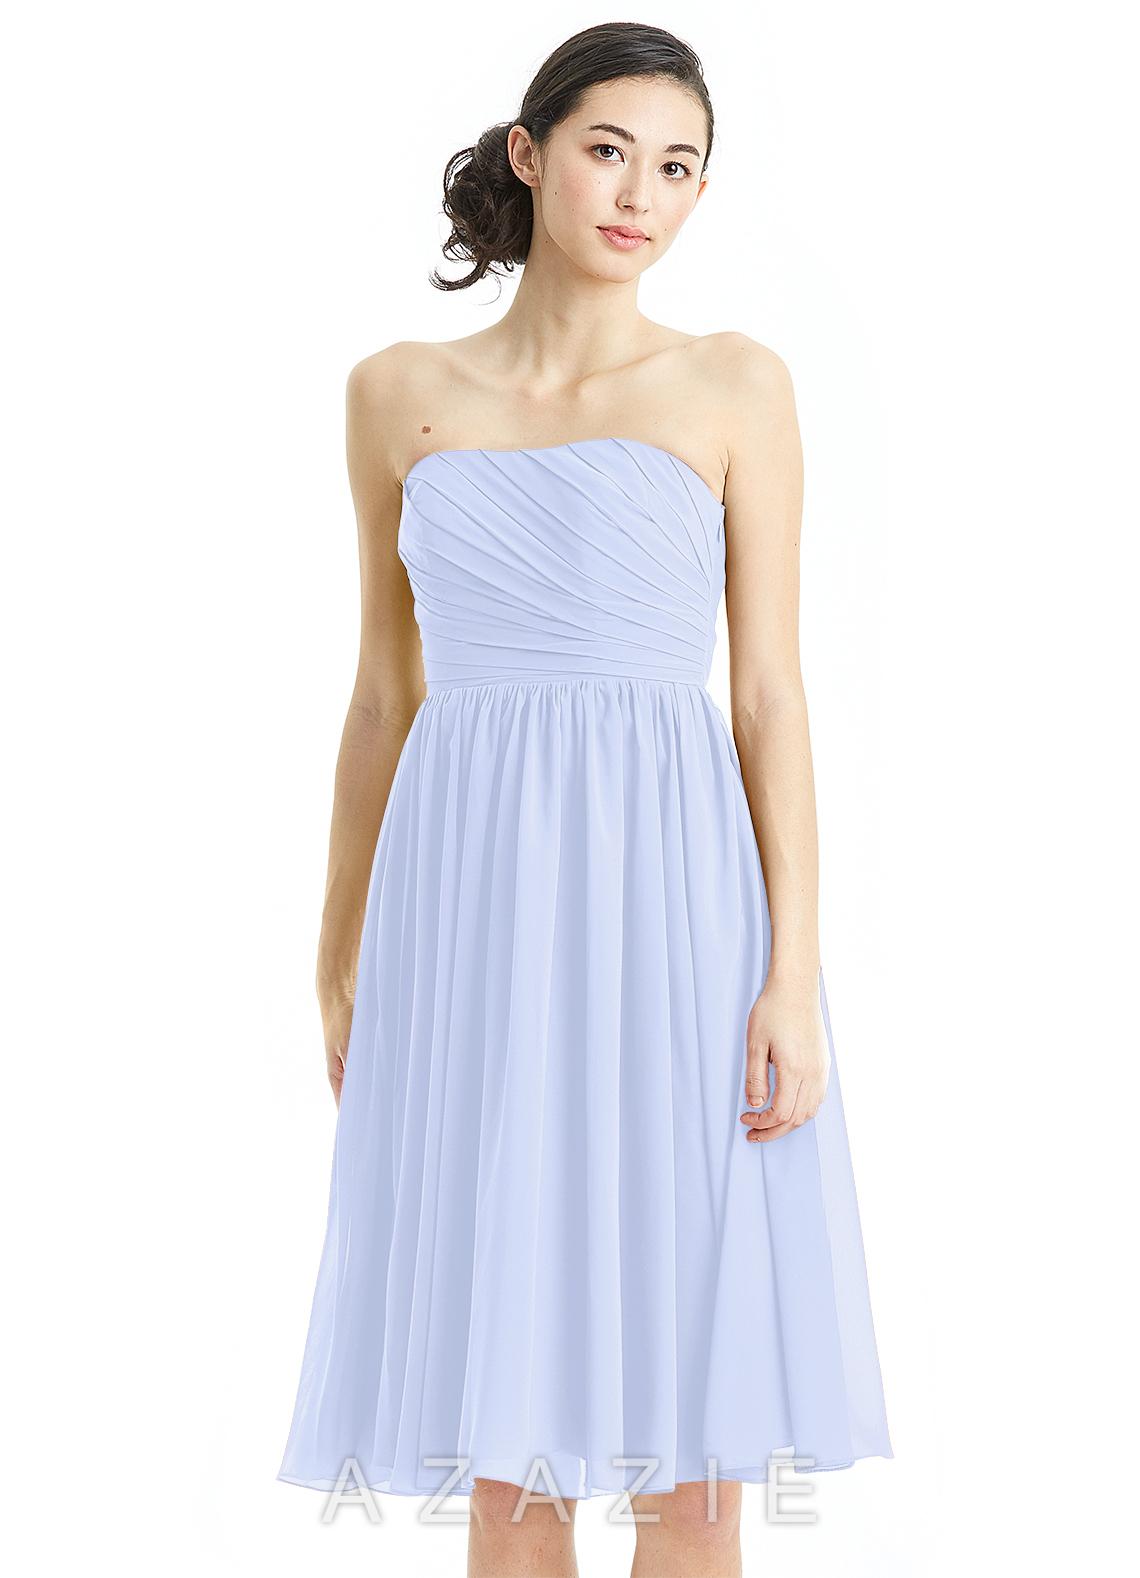 e0e2ec5b0667a Azazie Katie Bridesmaid Dress   Azazie